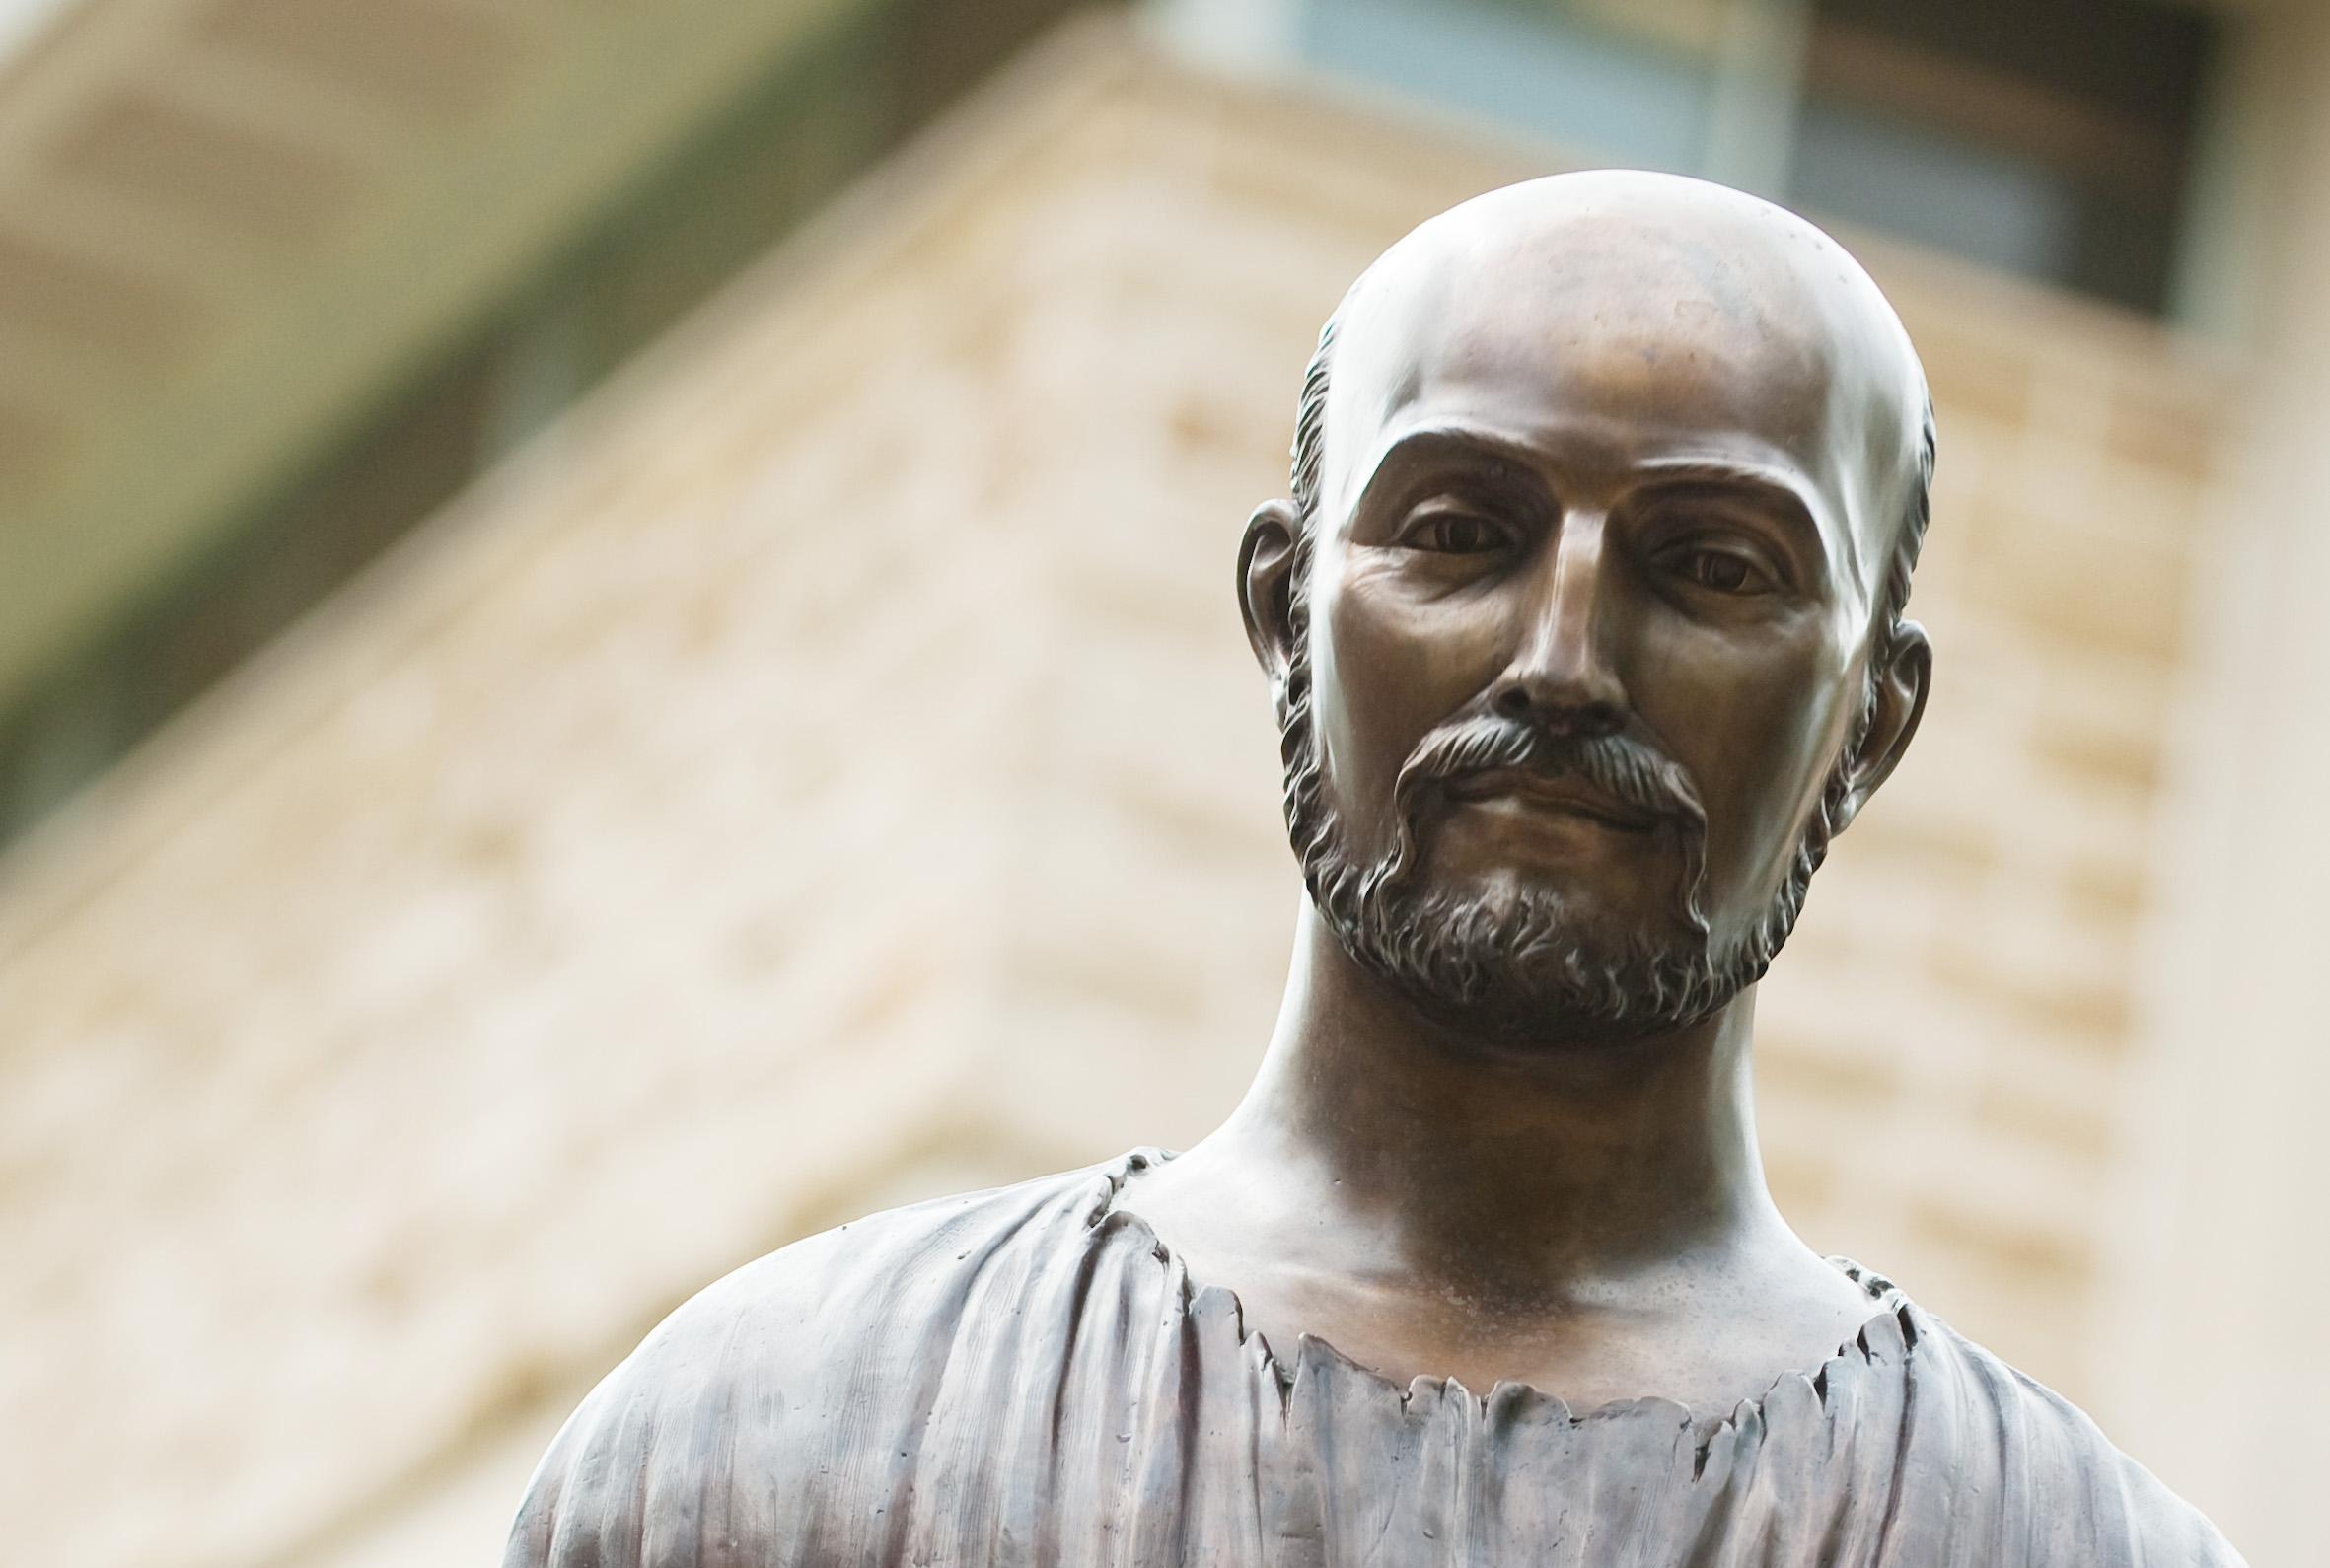 Photo of St. Ignatius Loyola Statue courtesy of Rockhurst University